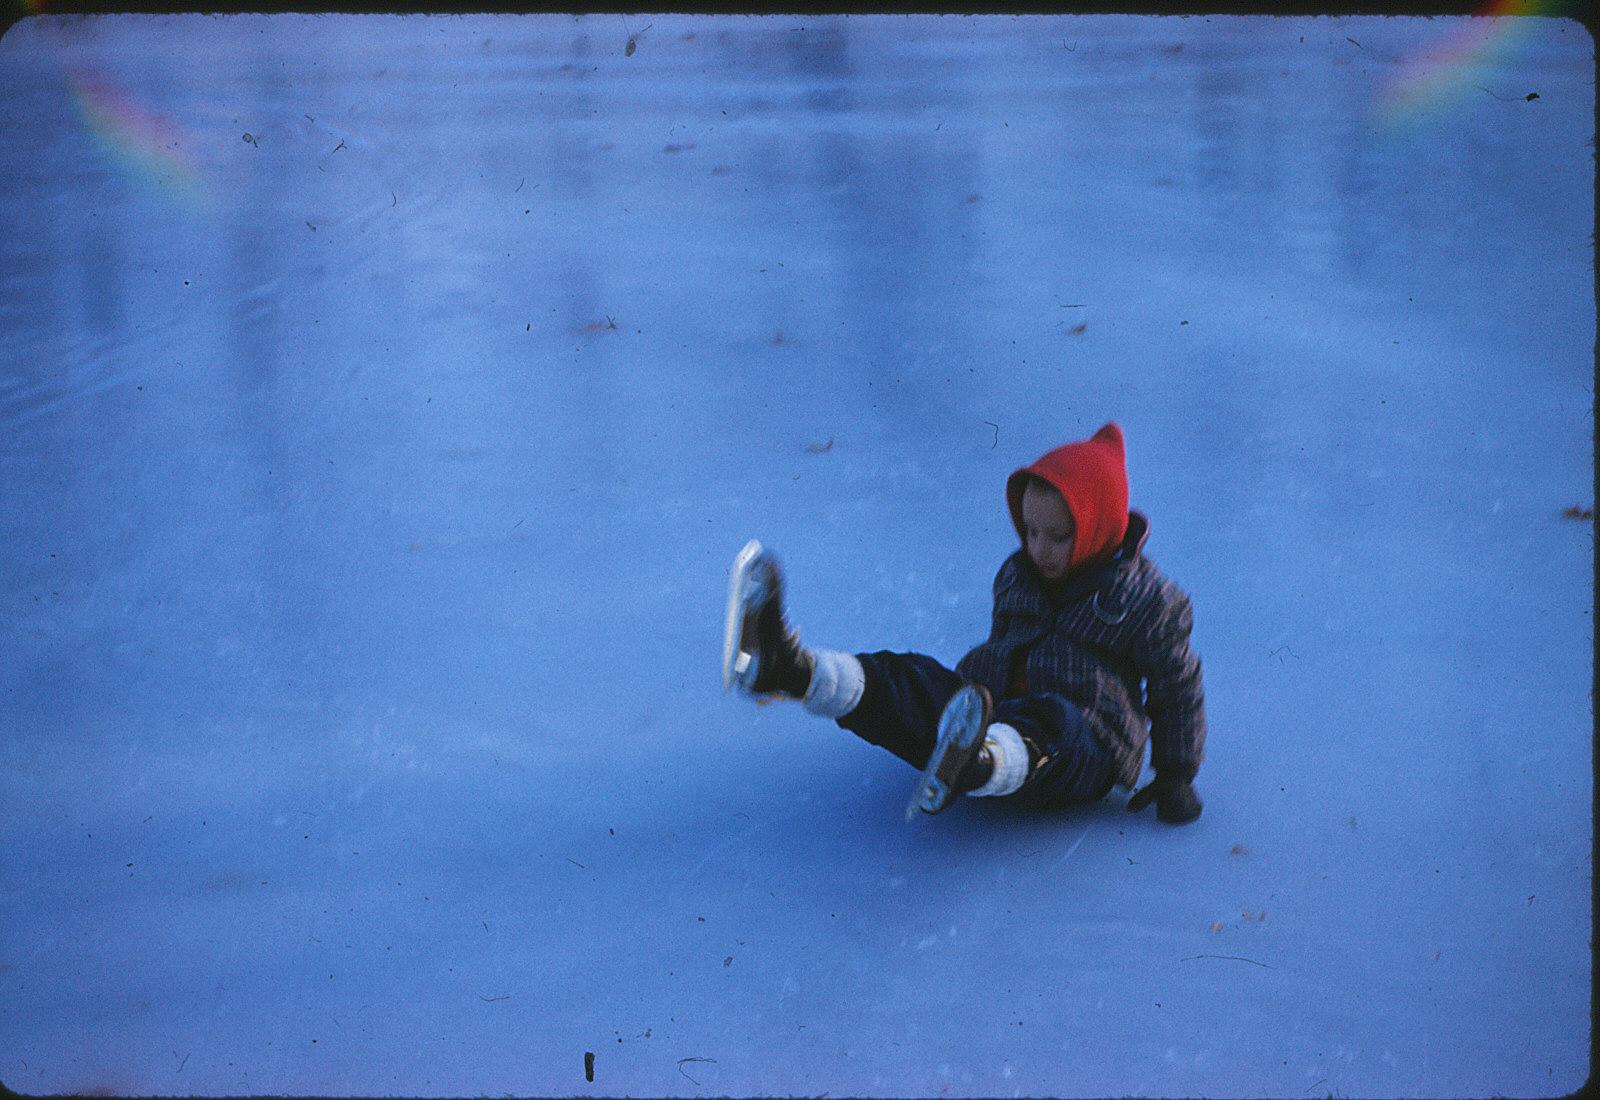 Skating on Duckpond